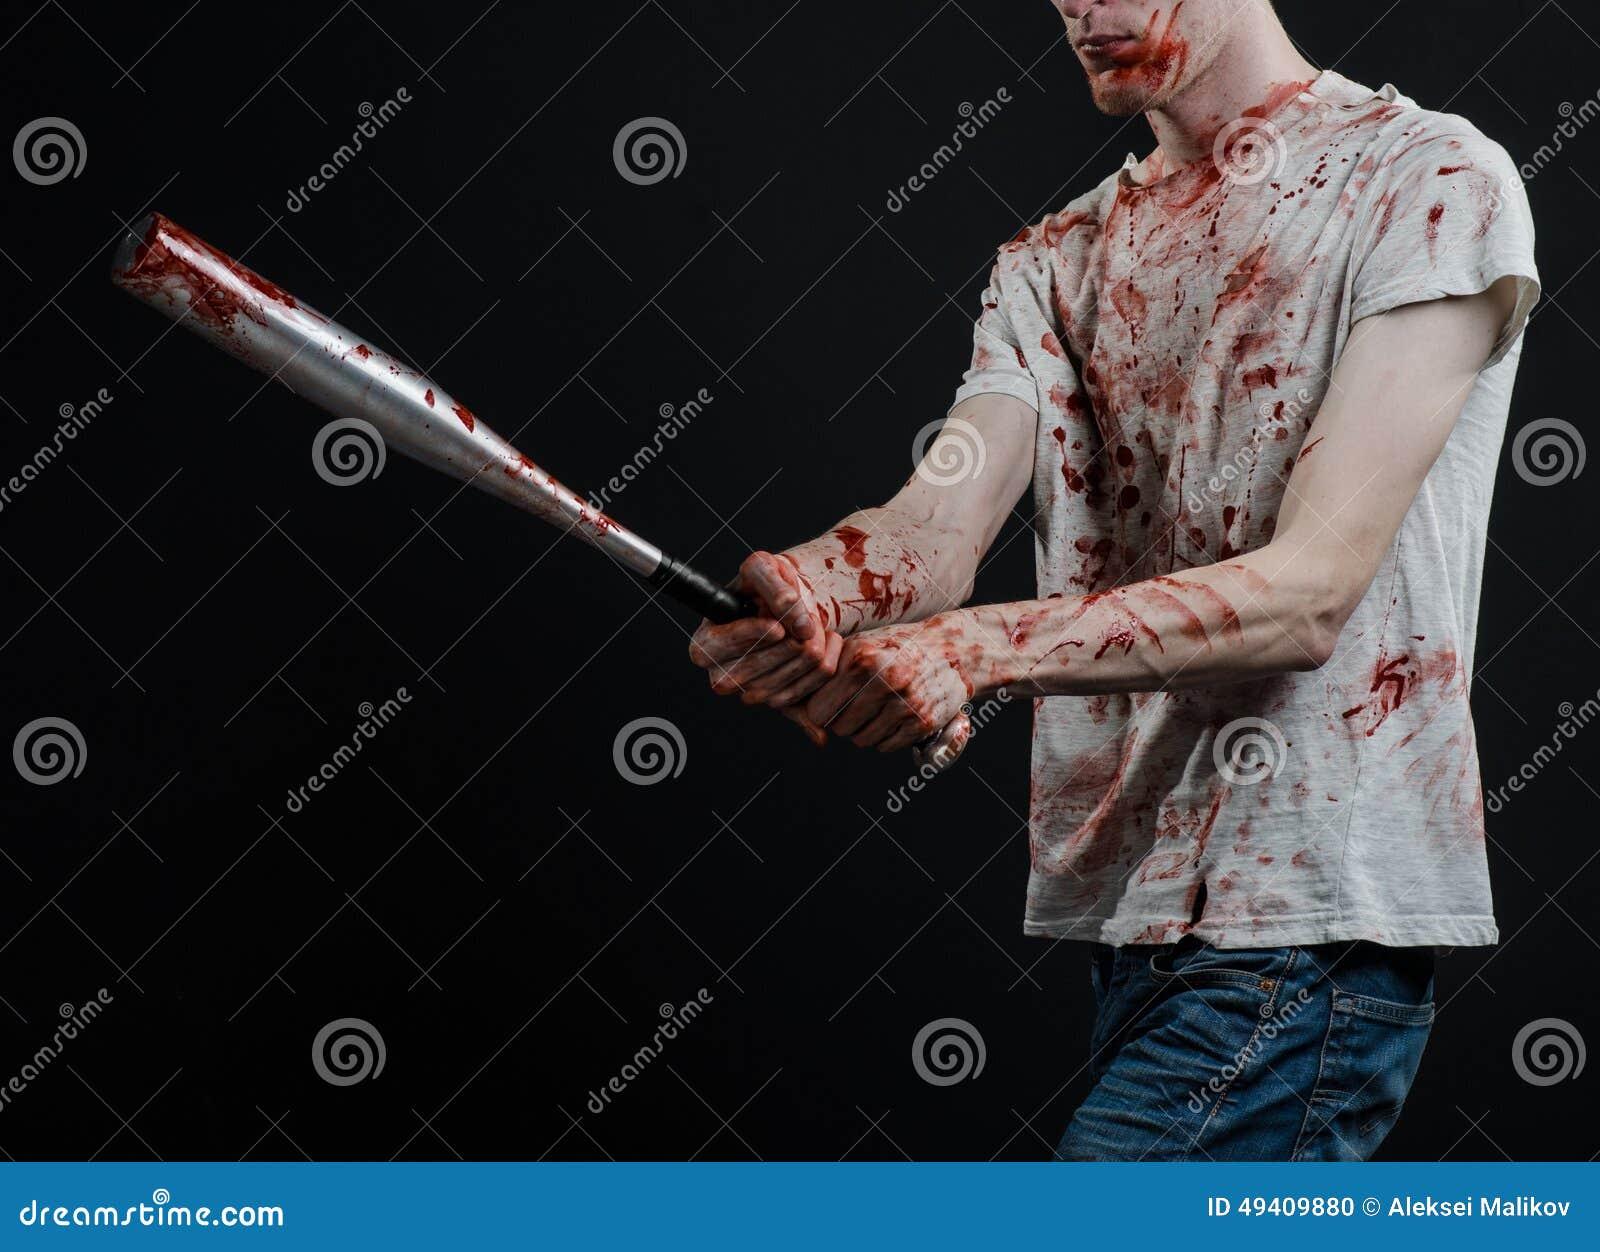 Download Blutiges Thema: Der Kerl In Einem Blutigen T-Shirt, Das Einen Blutigen Schläger Auf Einem Schwarzen Hintergrund Hält Stockfoto - Bild von halloween, grausam: 49409880